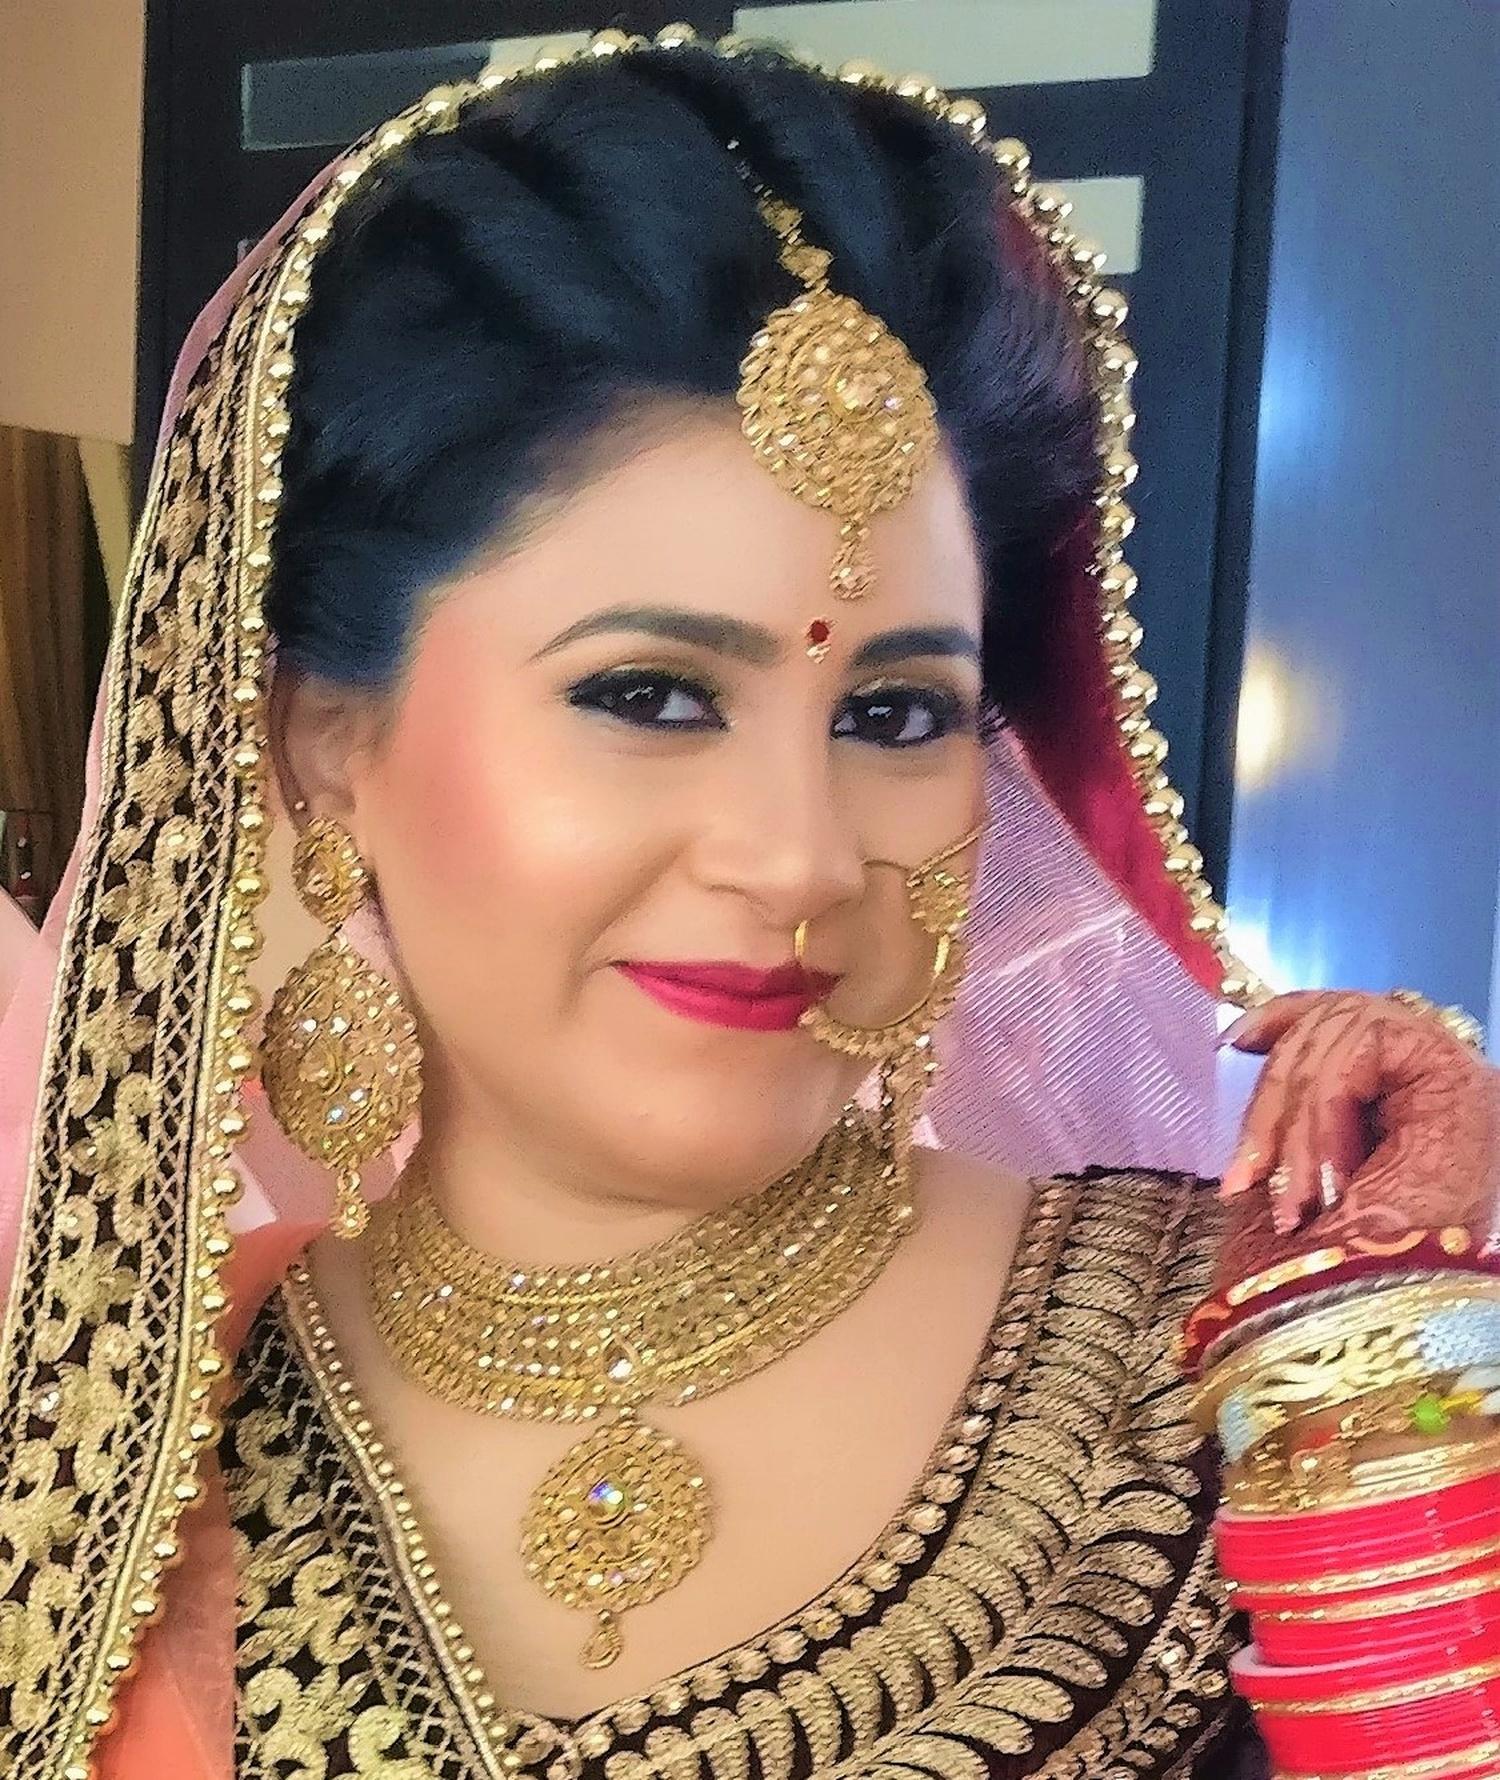 KR Makeover, Bridal Makeup Artist In Rajouri Garden, Delhi